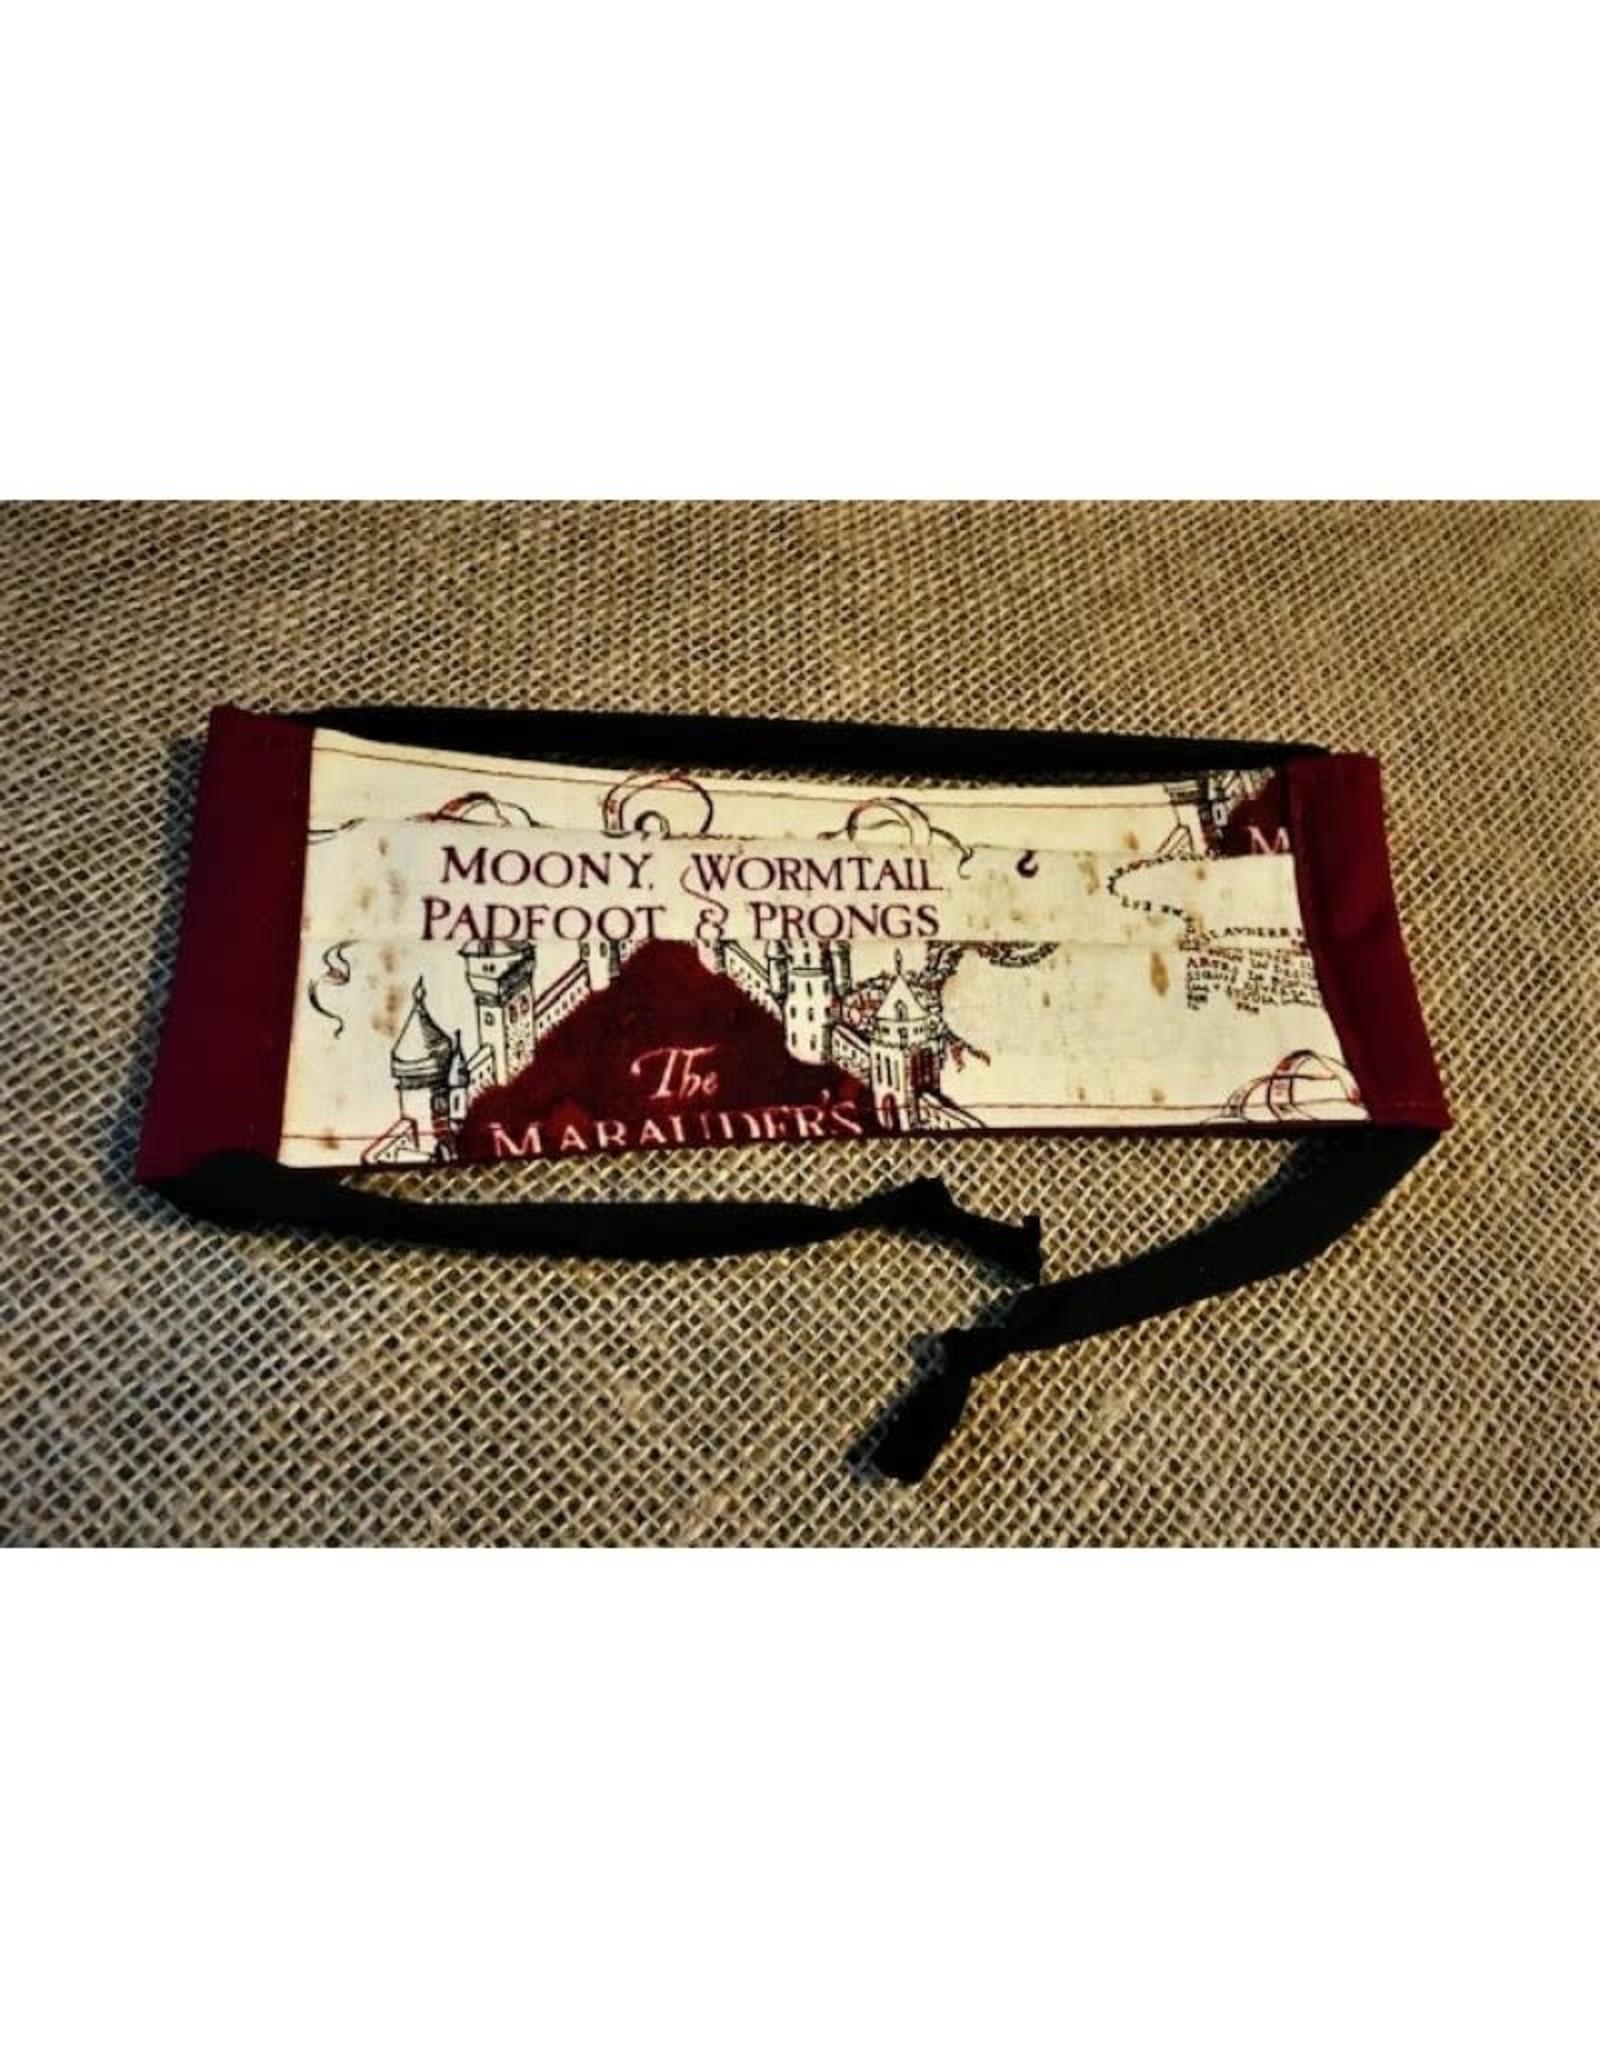 Bear Den Handmade Cotton Mask - Harry Potter Marauder's Map